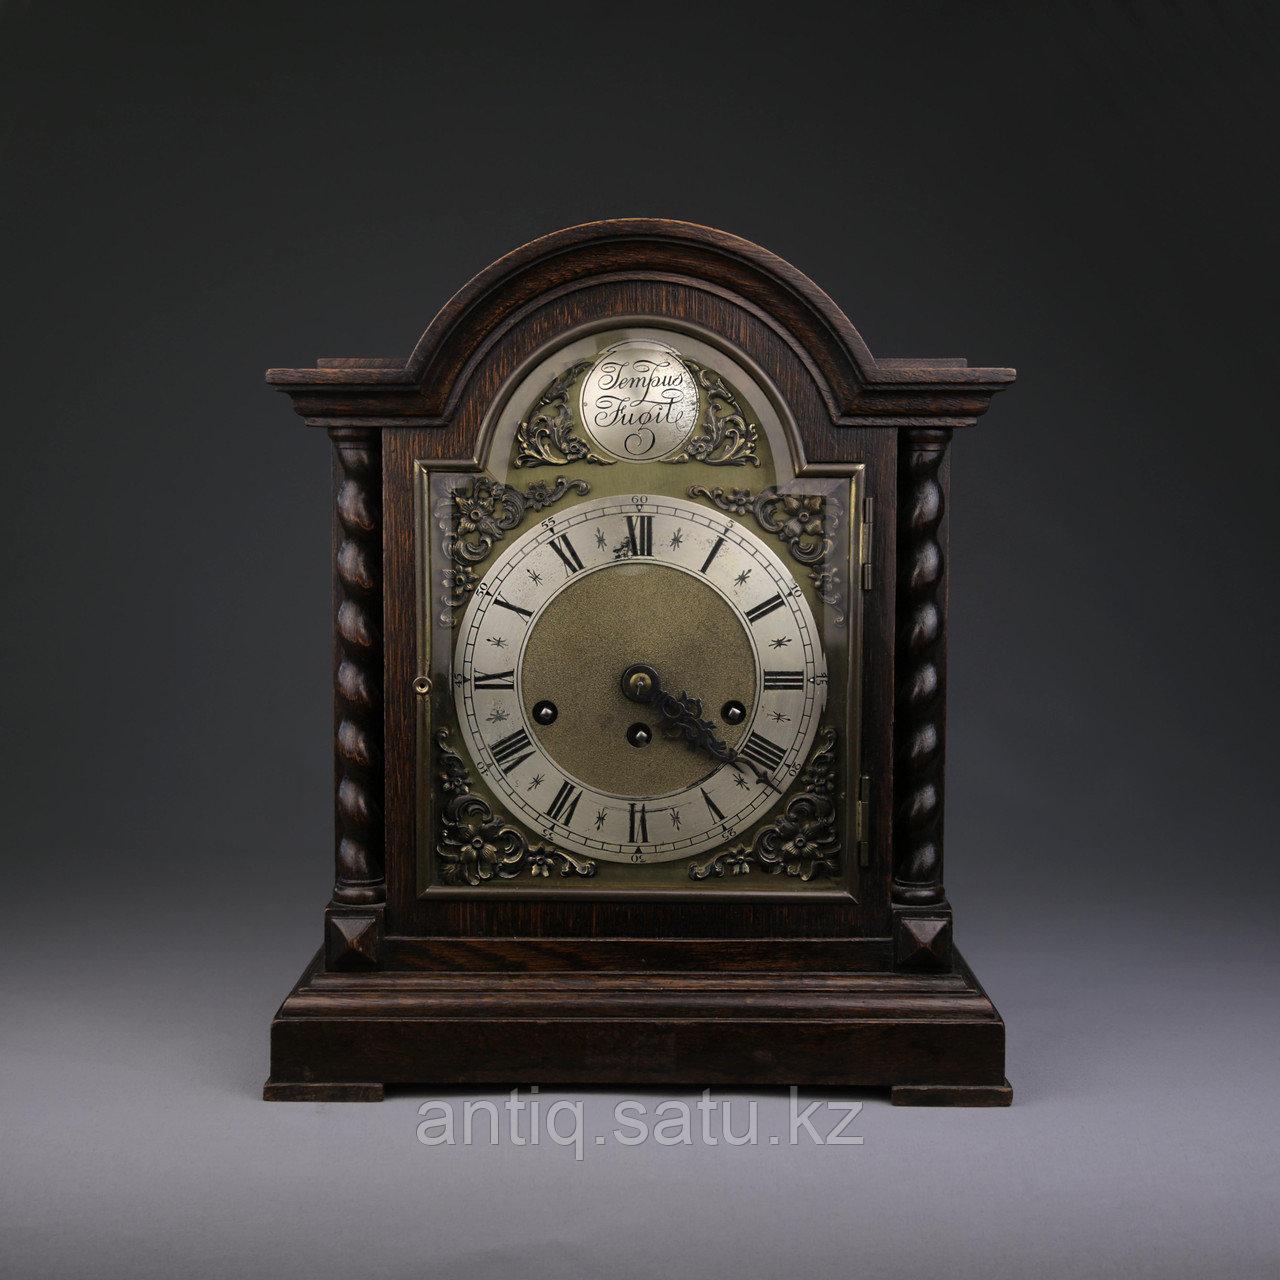 Настольные голландские часы с лунным календарем. Часовая мастерская Junghans. - фото 1